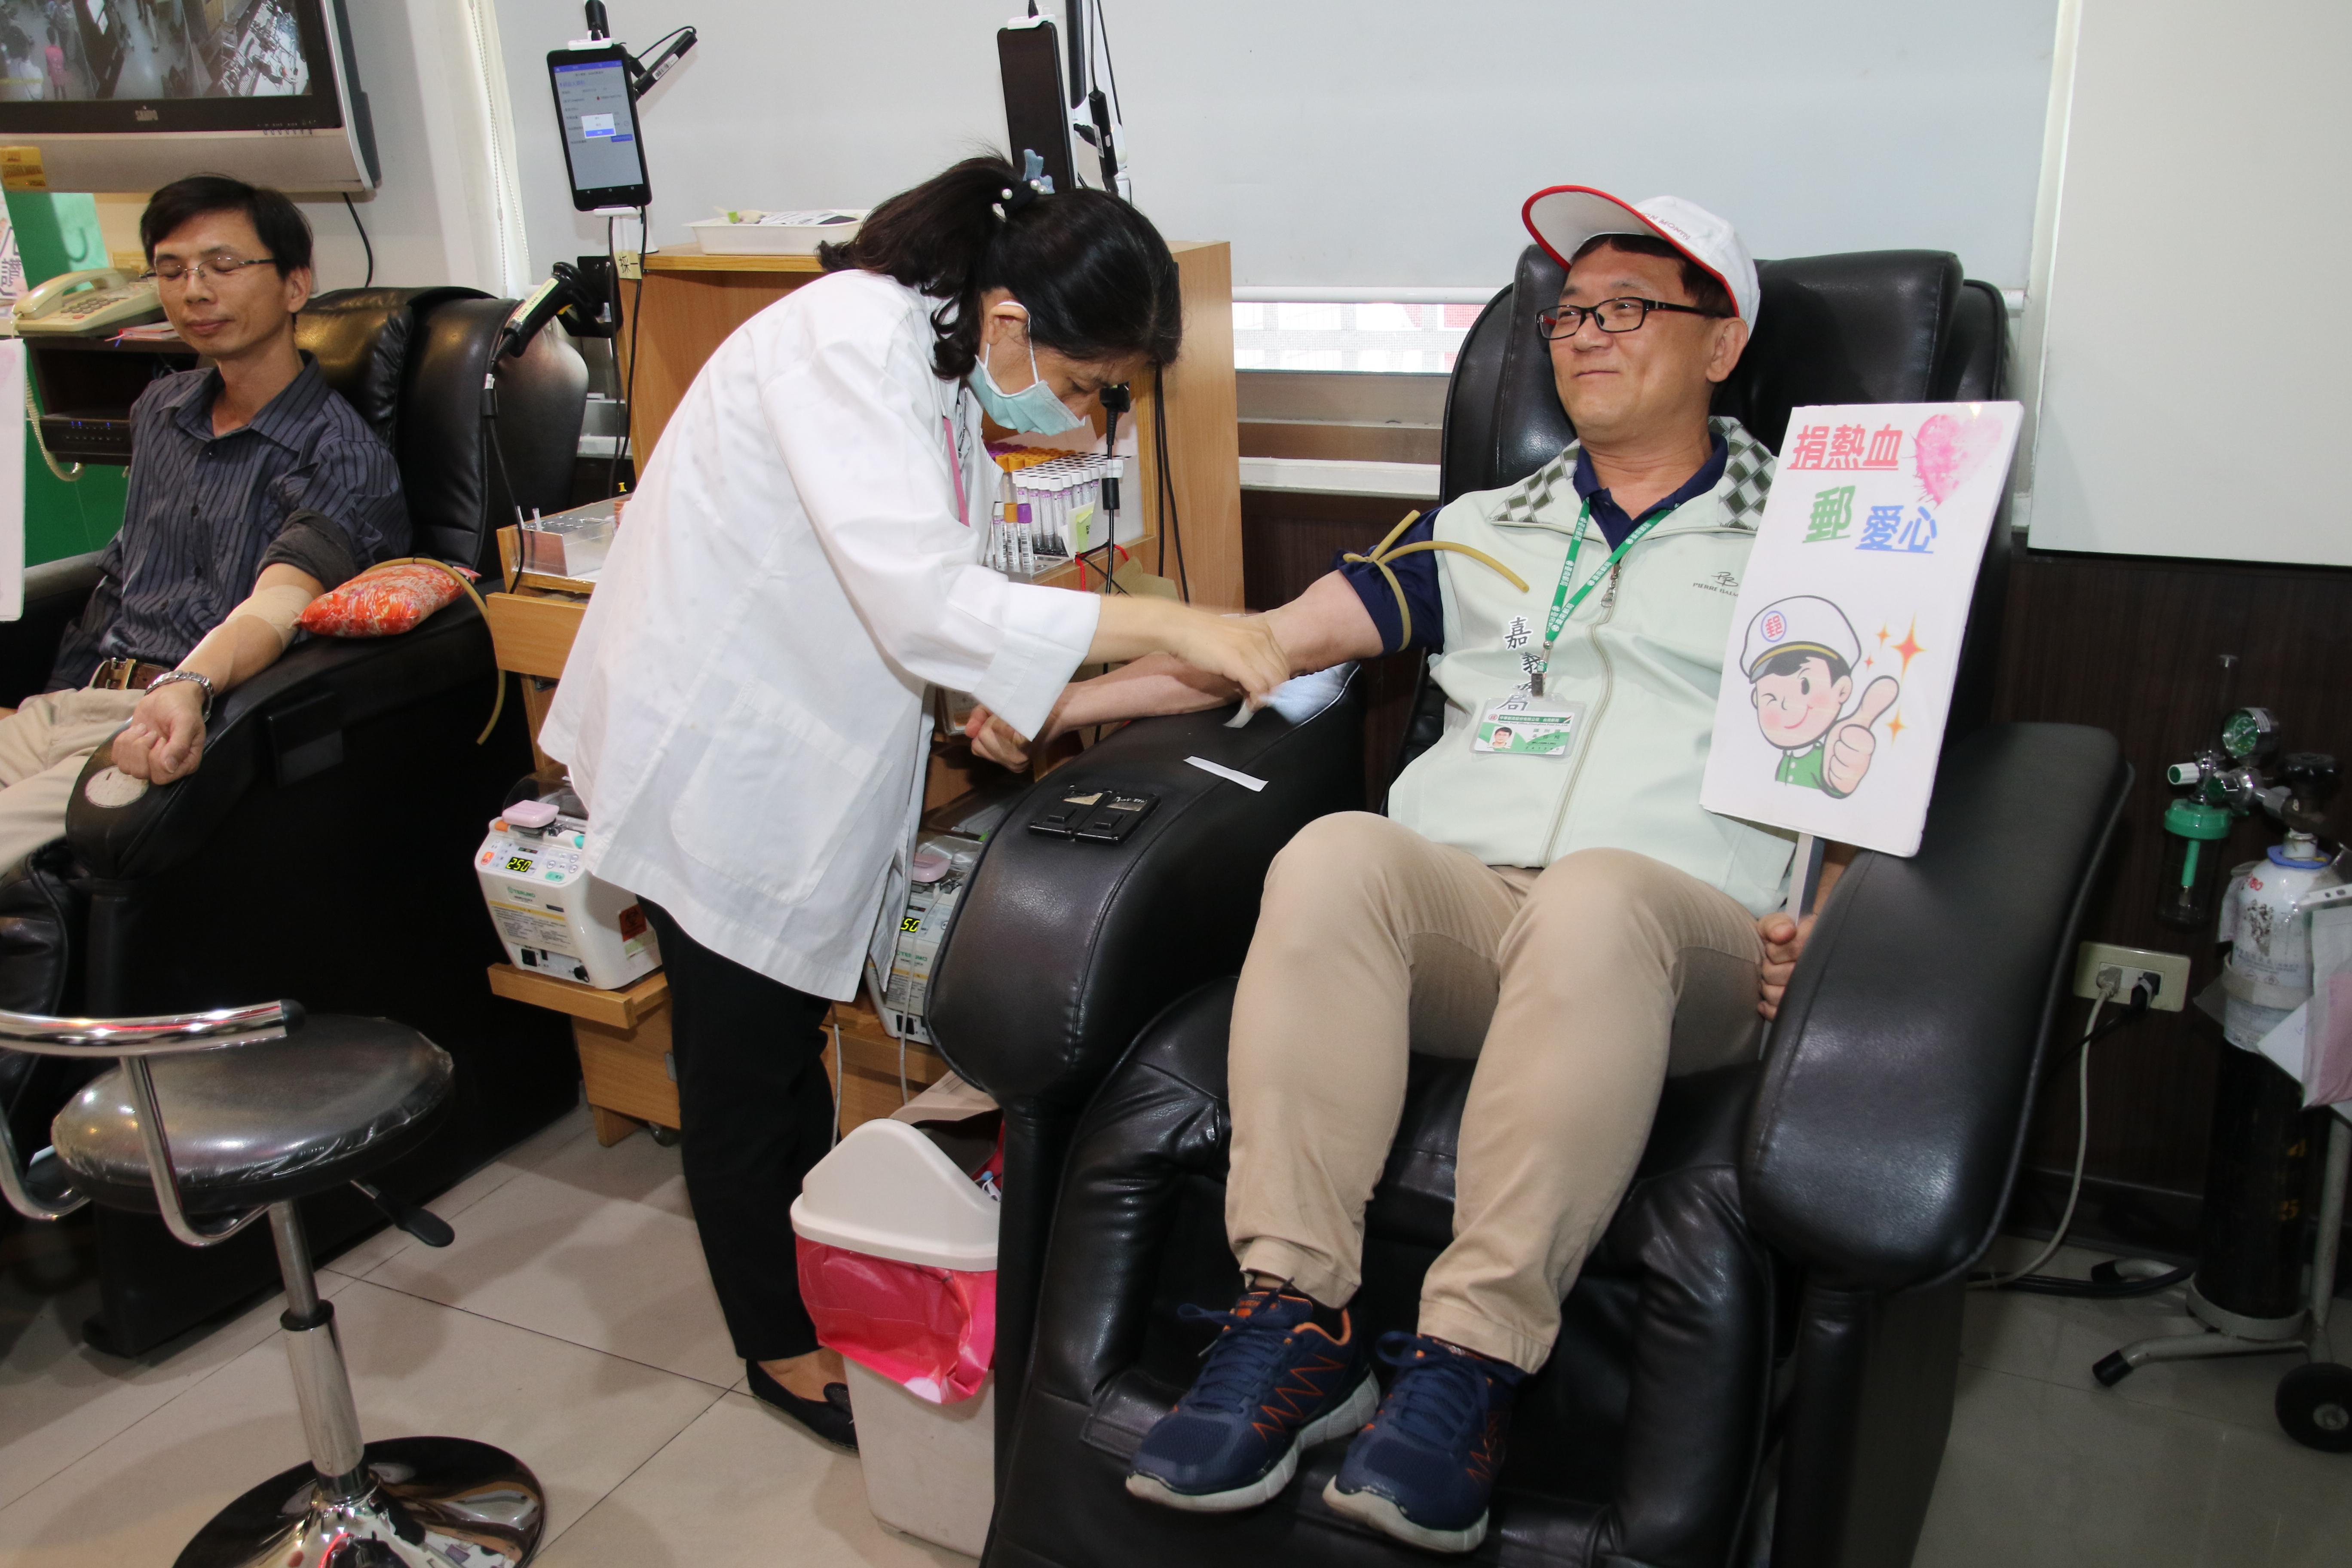 歡慶中華郵政公司成立123年,嘉義郵局舉辦「捐熱血 郵愛心」活動,邀您挽袖捐血救人